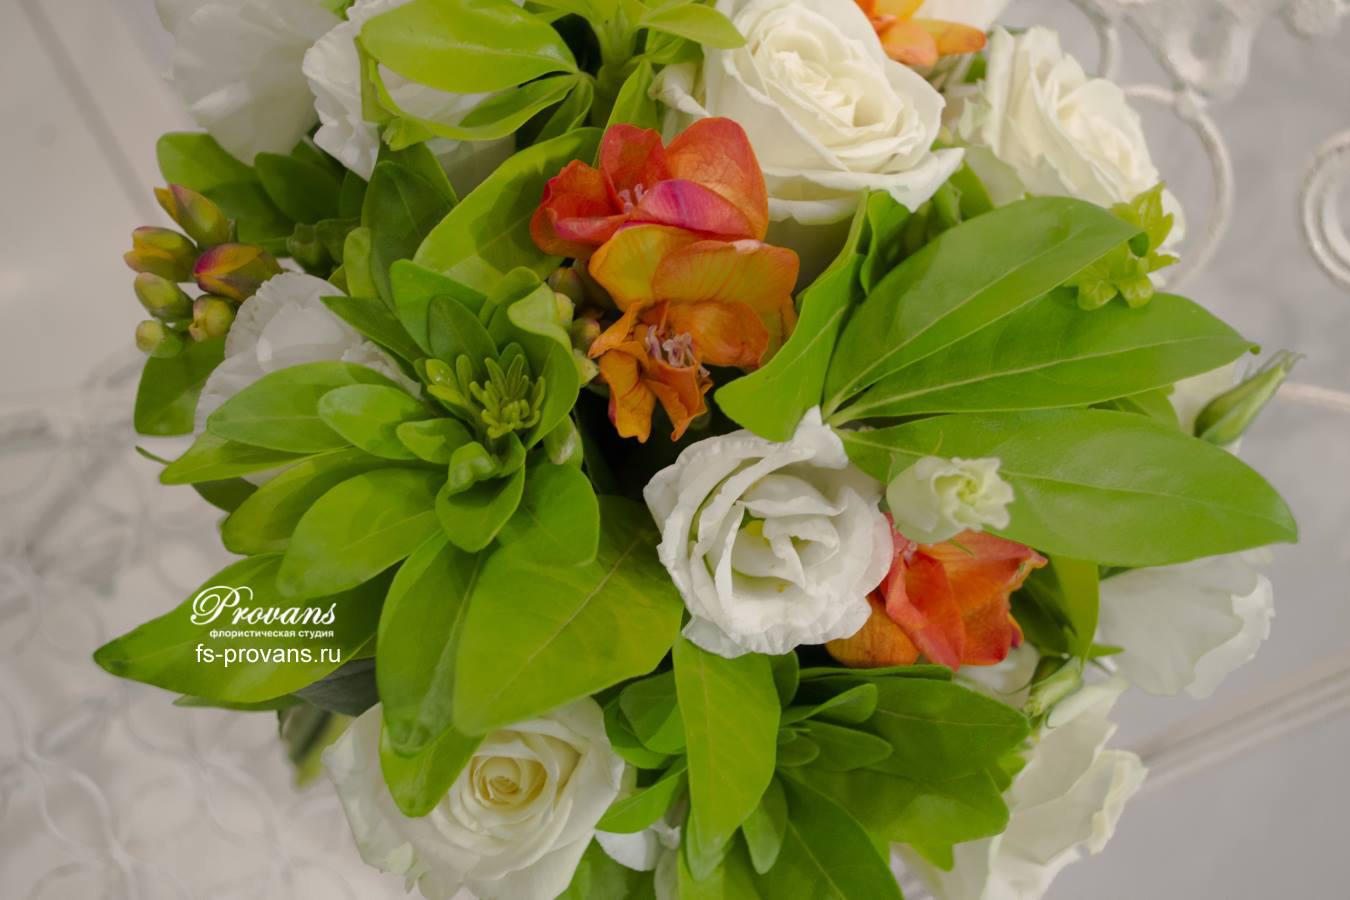 Свадебный букет Юная невеста. Роза, фрезия, душистый горошек